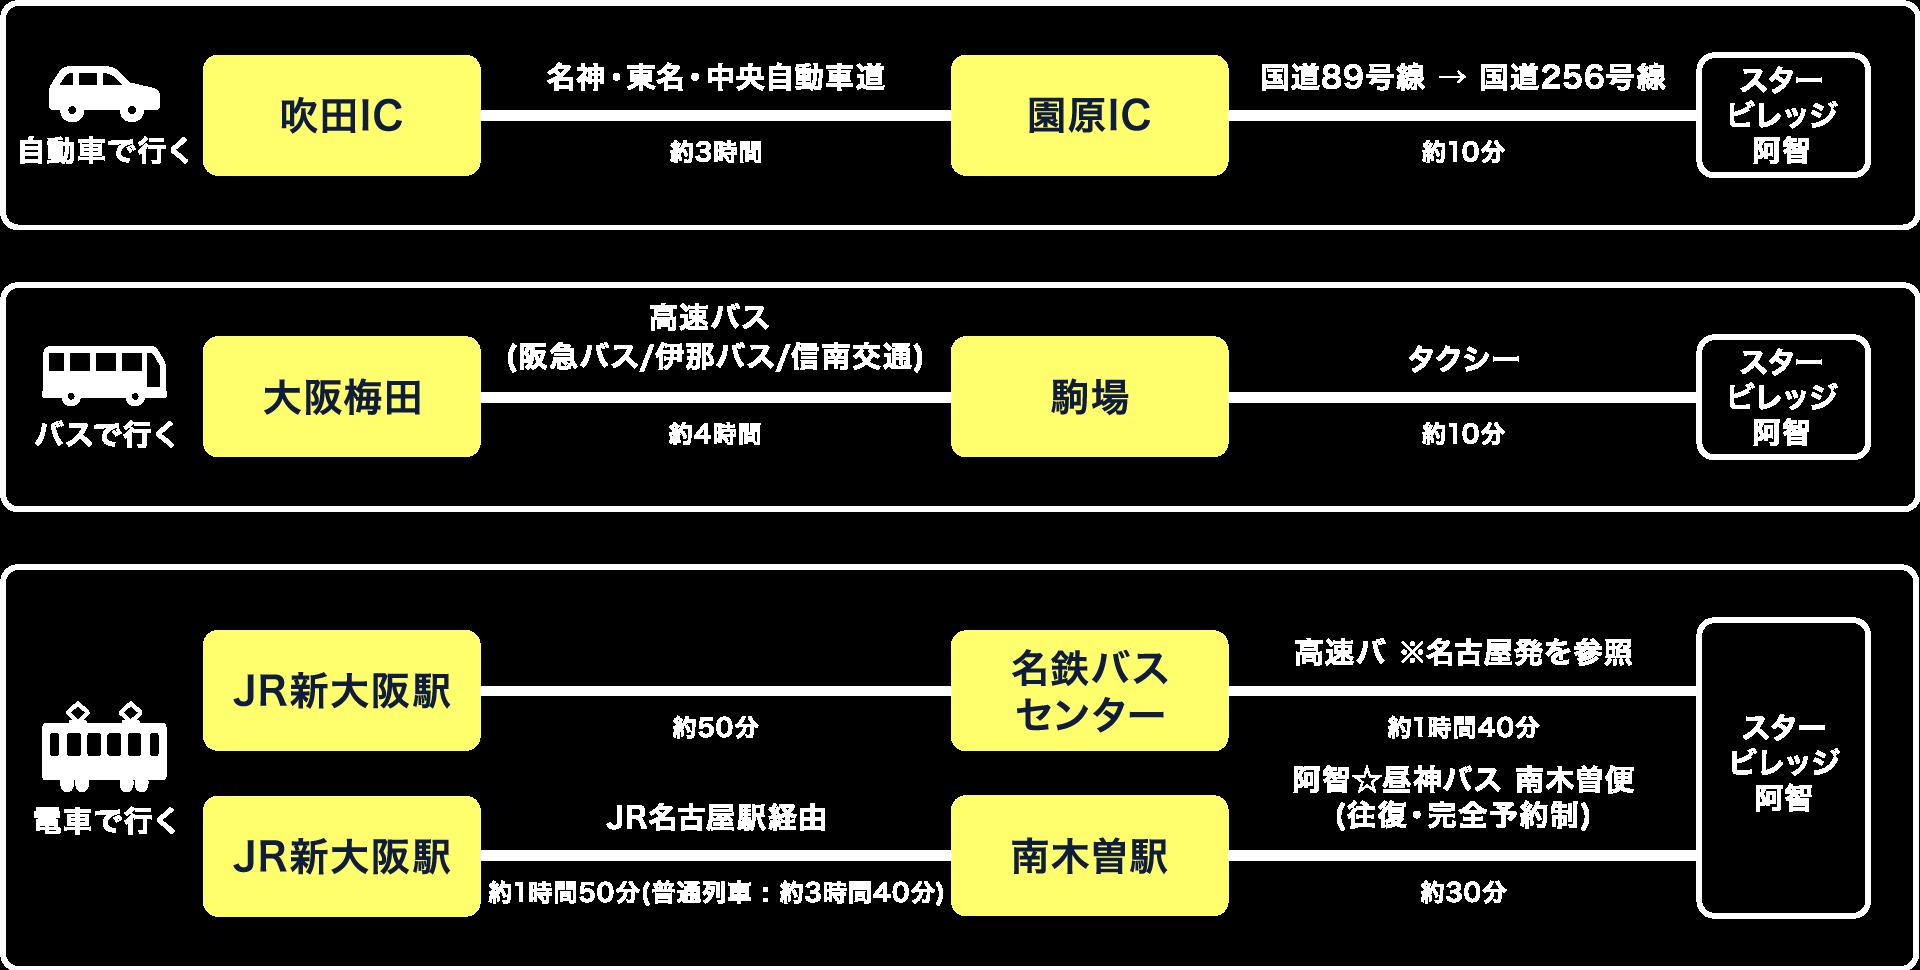 天空の楽園 日本一の星空ツアー | スタービレッジ阿智